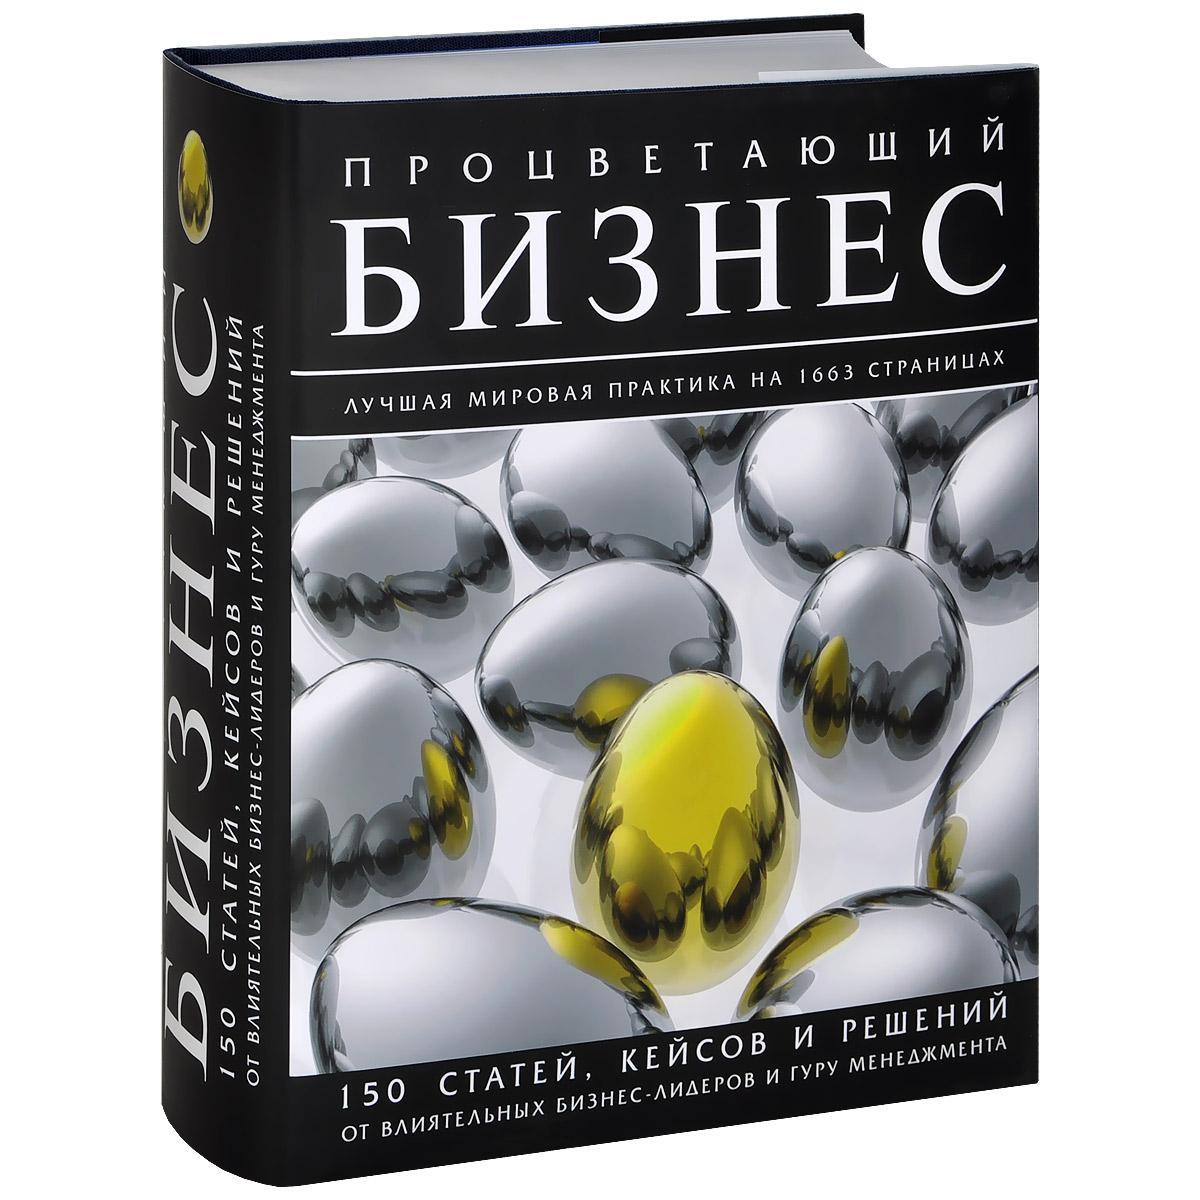 Процветающий бизнес12296407Эта книга - единственное в мире, абсолютно полное руководство по всем аспектам бизнеса, написанное самыми авторитетными специалистами по бизнесу и менеджменту. Это настольный курс MBA, аналогов которому нет ни в одной бизнес-школе мира. В книге вы найдете 150 статей ведущих теоретиков и практиков бизнеса, посвященных важнейшим концепциям управления и решению практических проблем в бизнесе, интервью и биографии 100 самых влиятельных бизнес-лидеров и гуру менеджмента. Всеобъемлющее руководство дополняют 1500 ярких и авторитетных высказываний о бизнесе, из которых всегда можно выбрать цитату на любой случай. Это целая библиотека по бизнесу и управлению в одной упаковке, удобно организованная и всегда находящаяся под рукой. Для руководителей, менеджеров, специалистов, слушателей бизнес-школ и всех, кто хочет знать больше о современном бизнесе. Для руководителей, менеджеров, специалистов, слушателей бизнес-школ и всех, кто хочет знать больше о современном бизнесе.